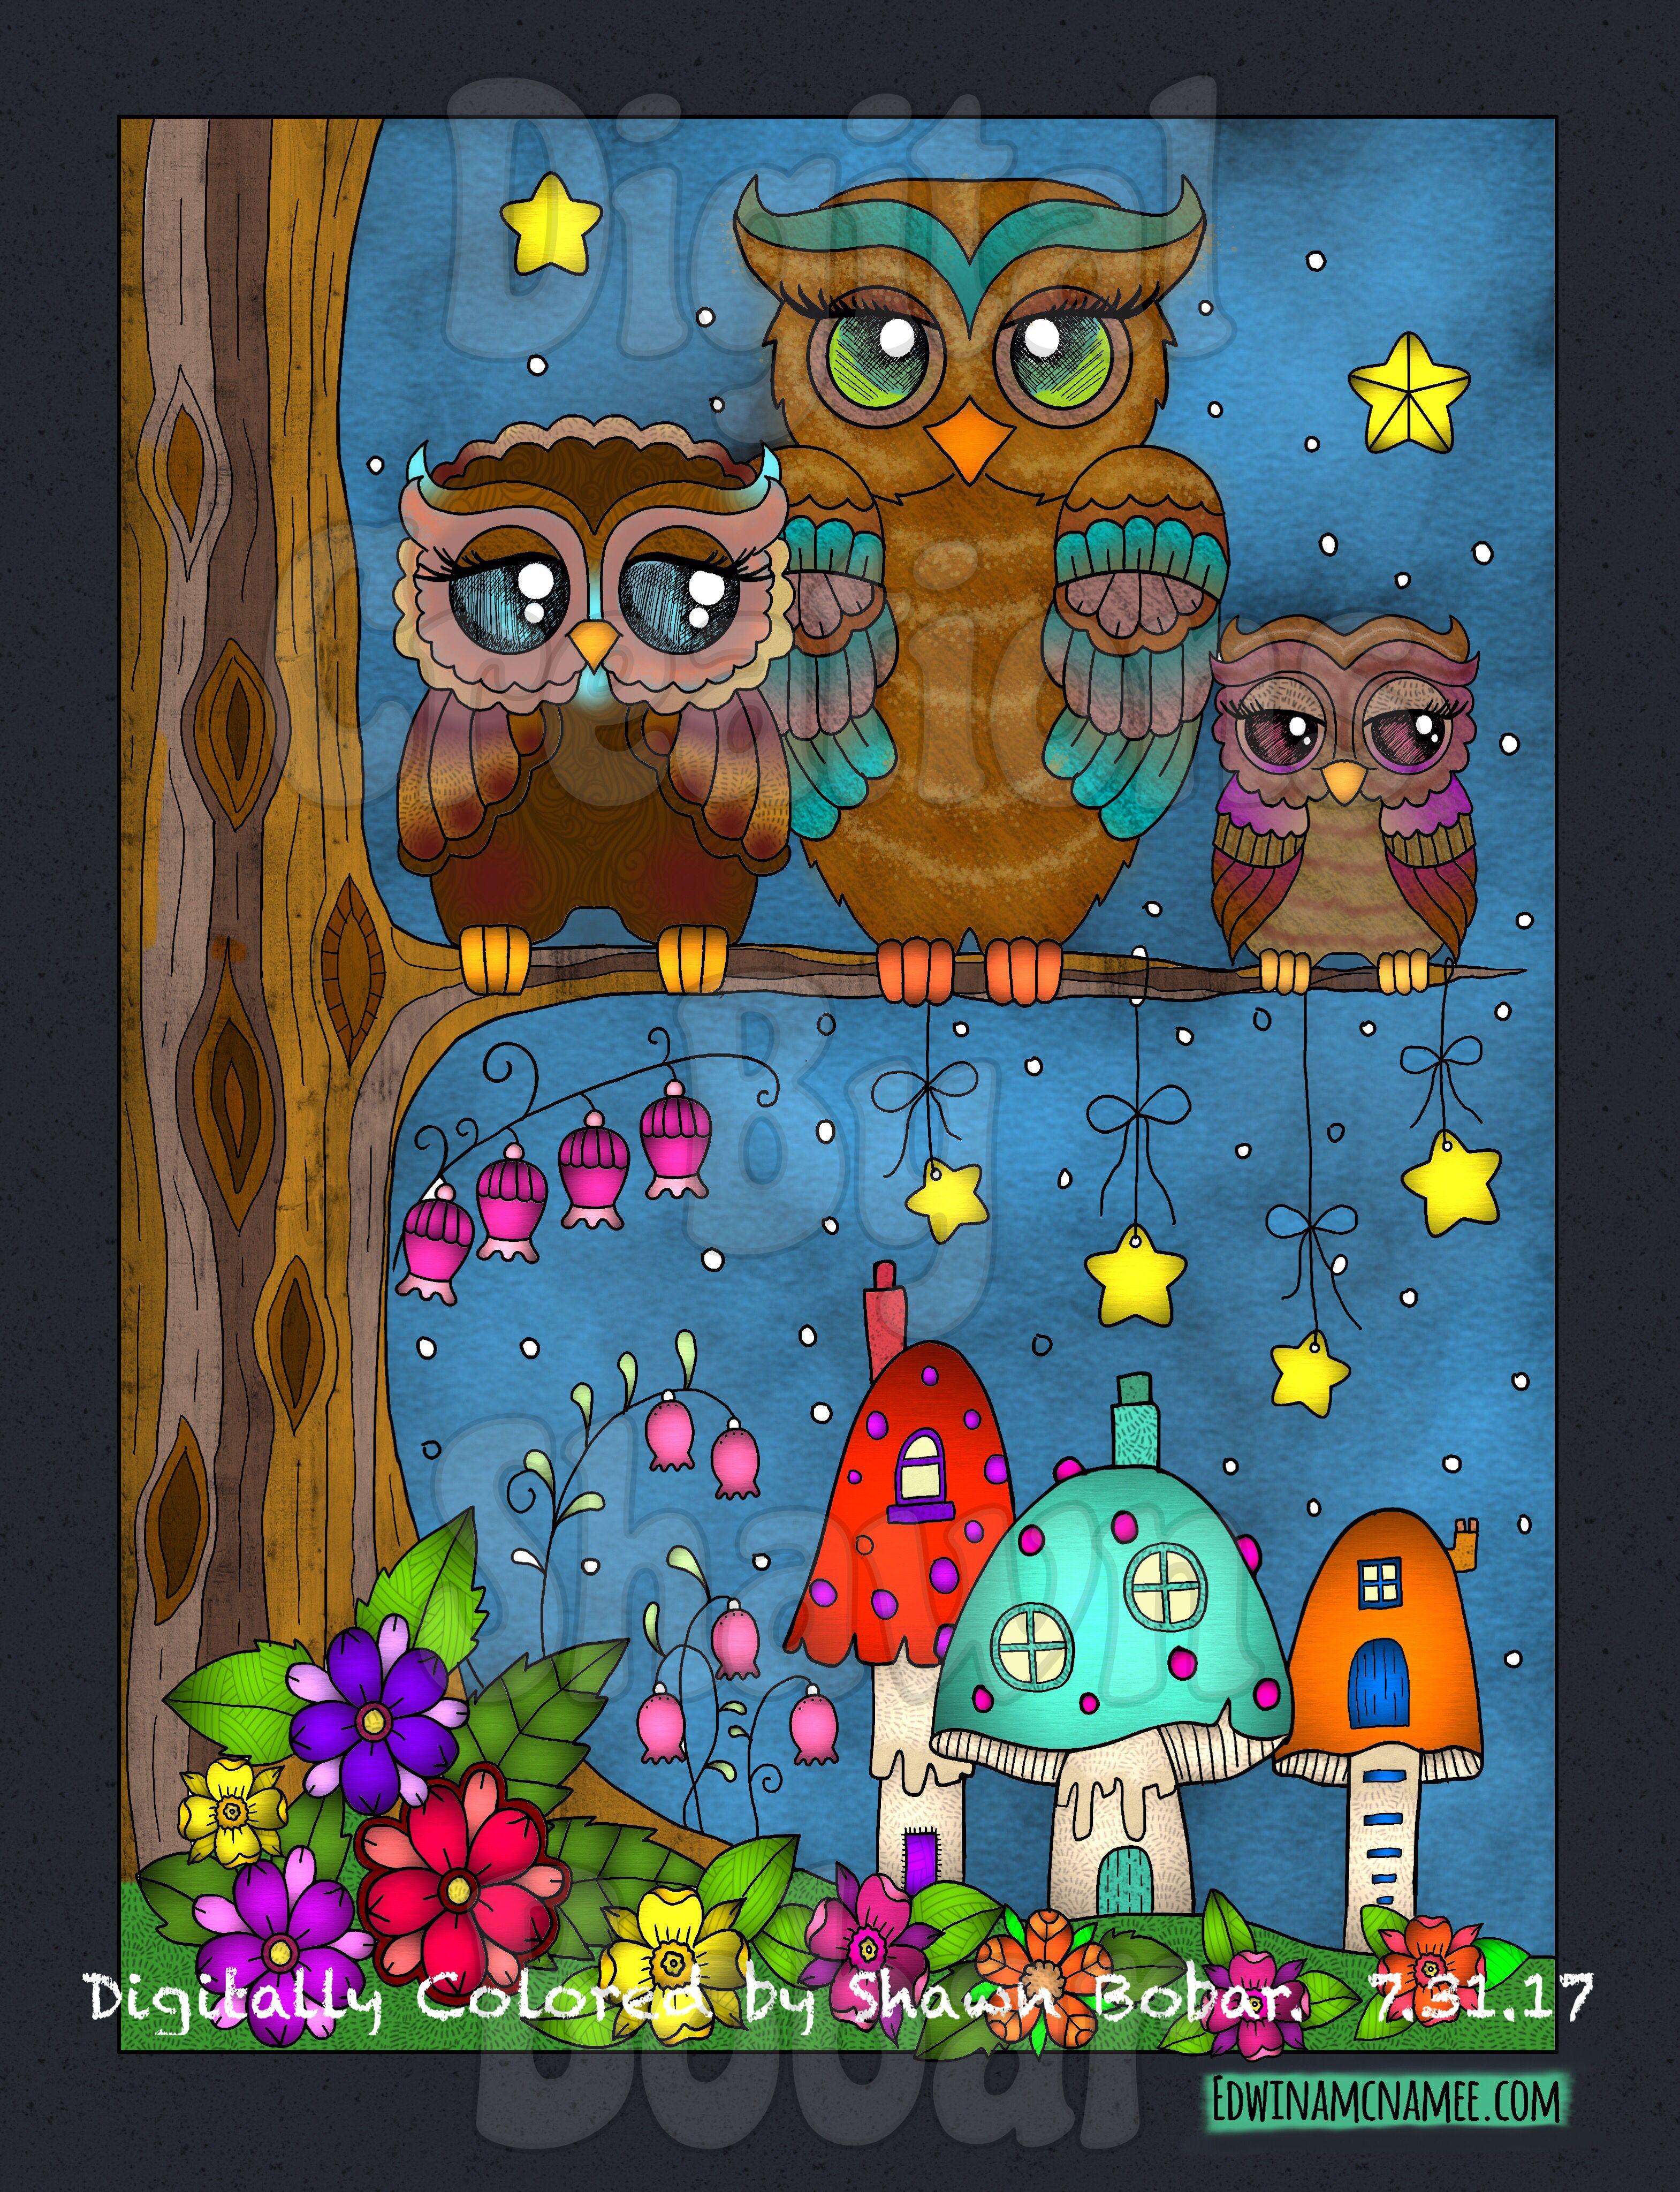 Artist Ebony Rainn Digital Creations By Shawn Bobar Digitally Colored Using Pigment IPad Pro